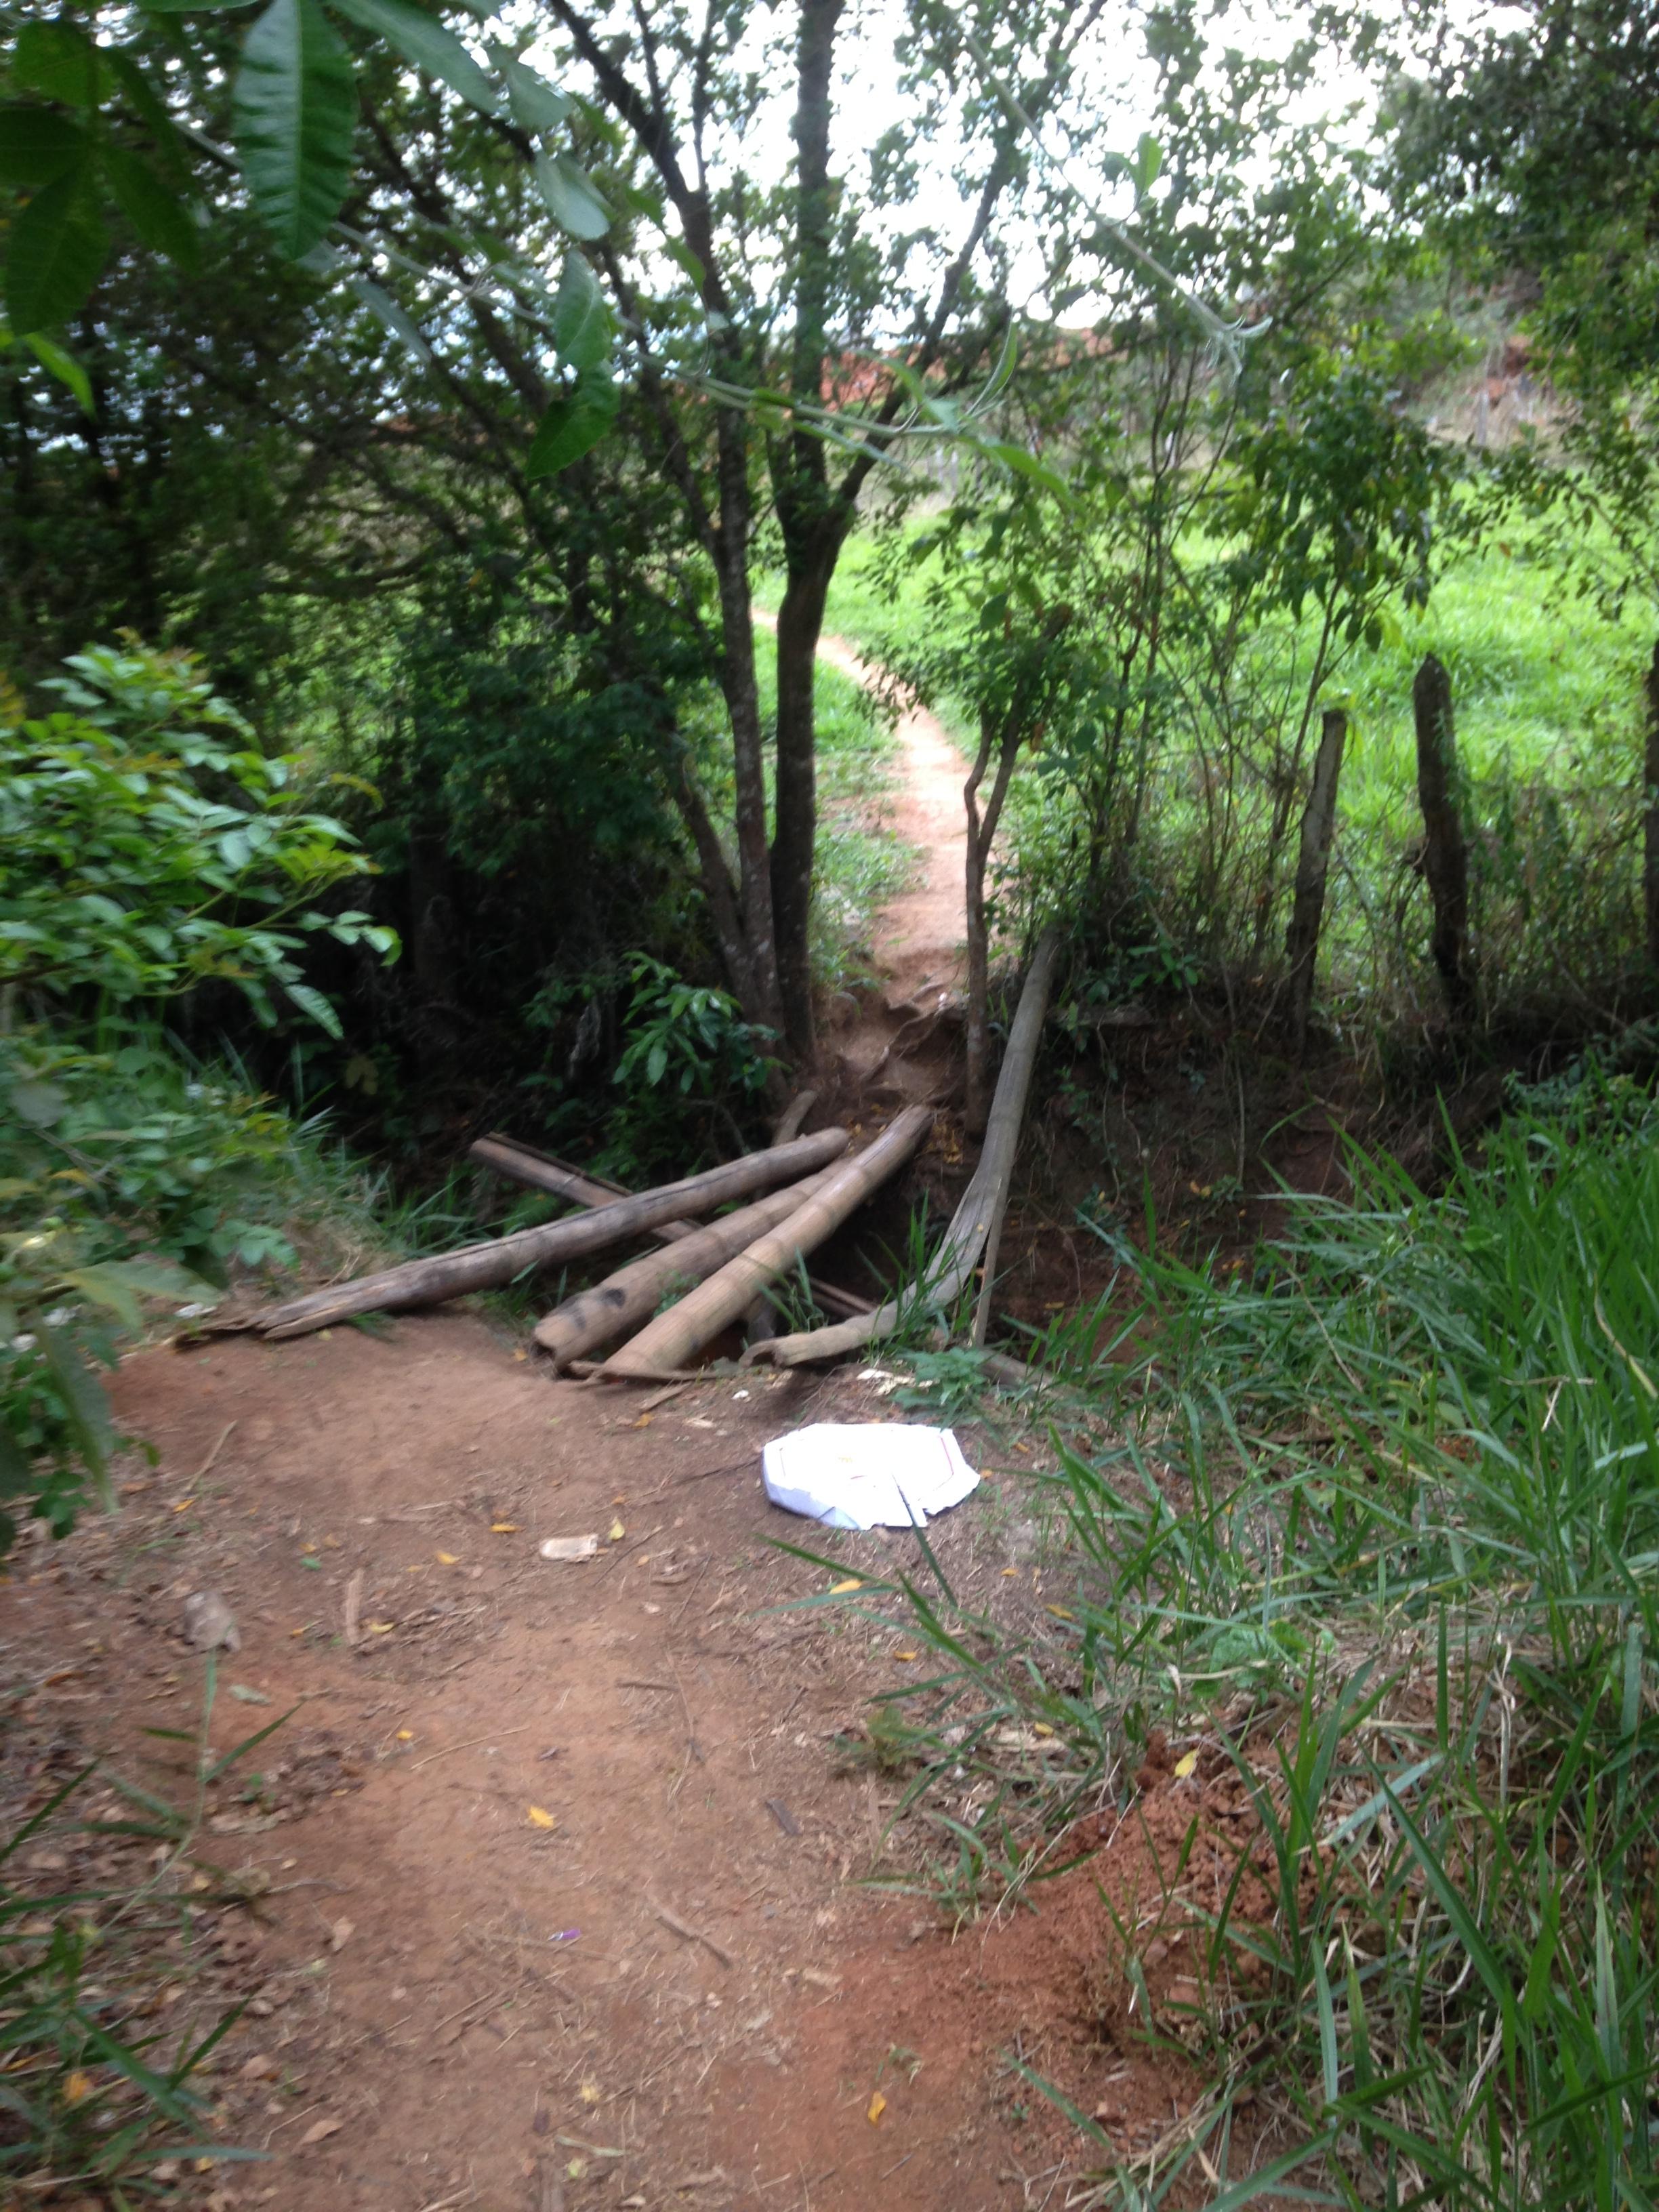 Mais abaixo, apenas uma pinguela de bambu liga os dois bairros distante menos de cem metros...!